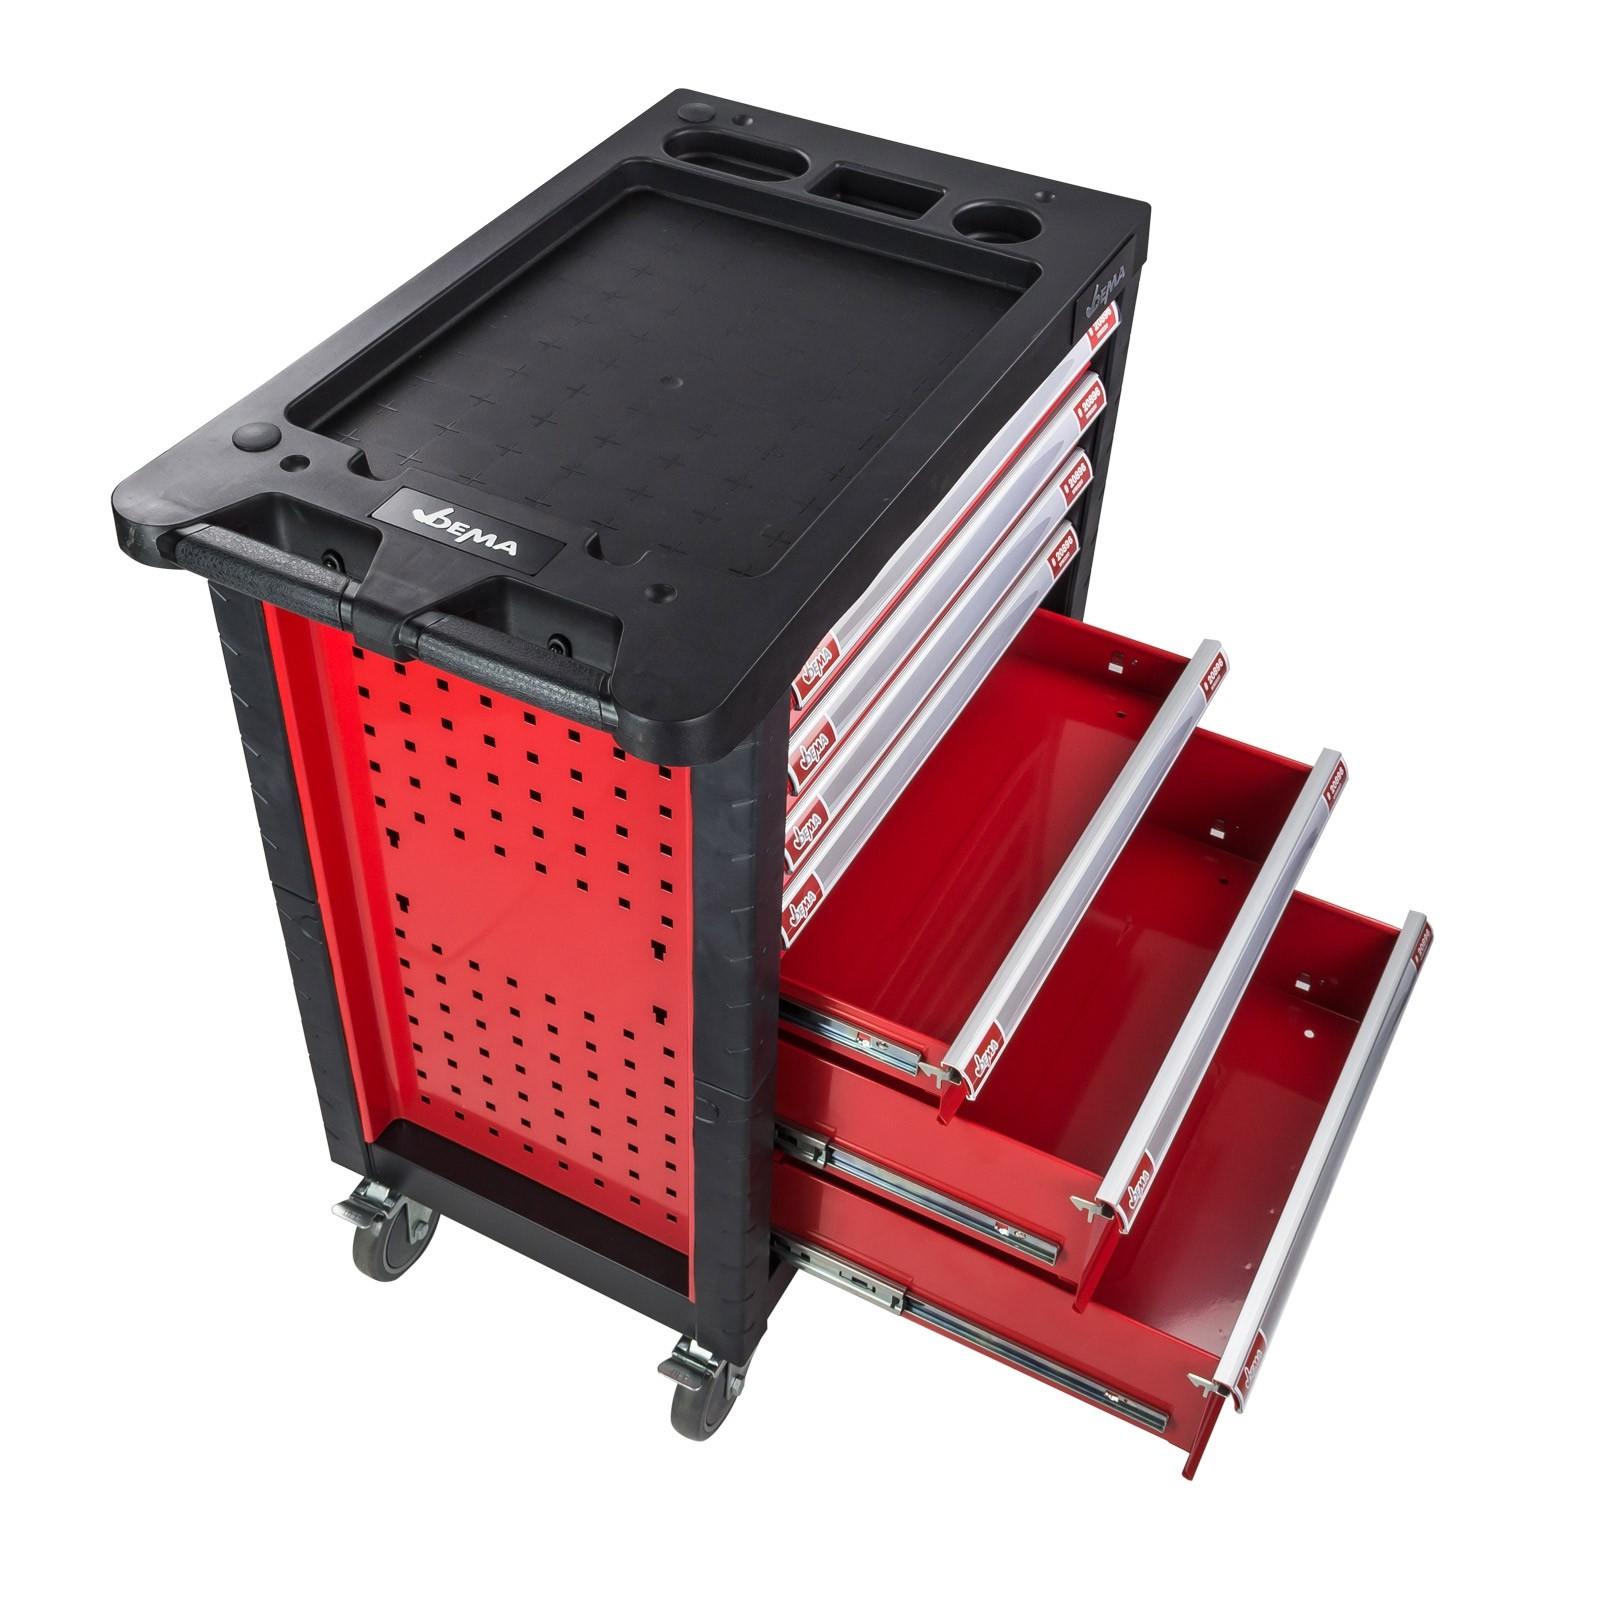 werkstattwagen werkzeugwagen best ckt mit werkzeug 220 tlg ebay. Black Bedroom Furniture Sets. Home Design Ideas